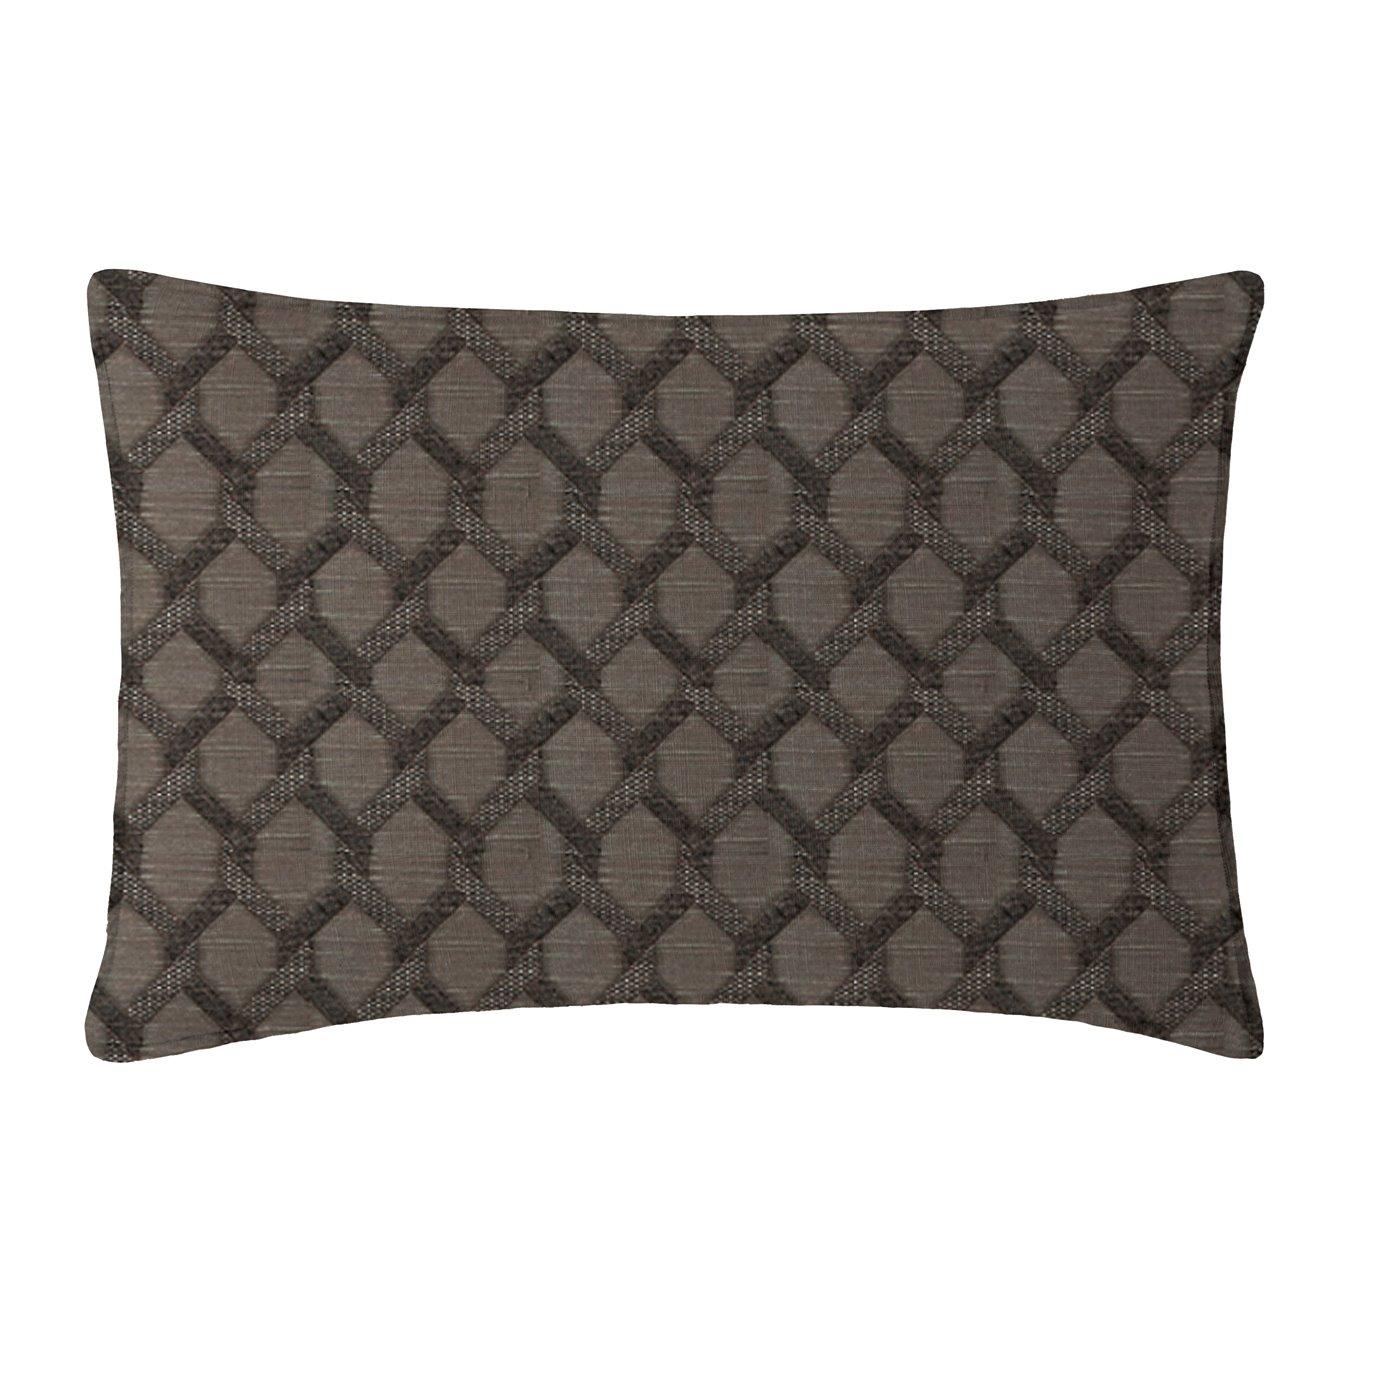 Malden Charcoal Pillow Sham King